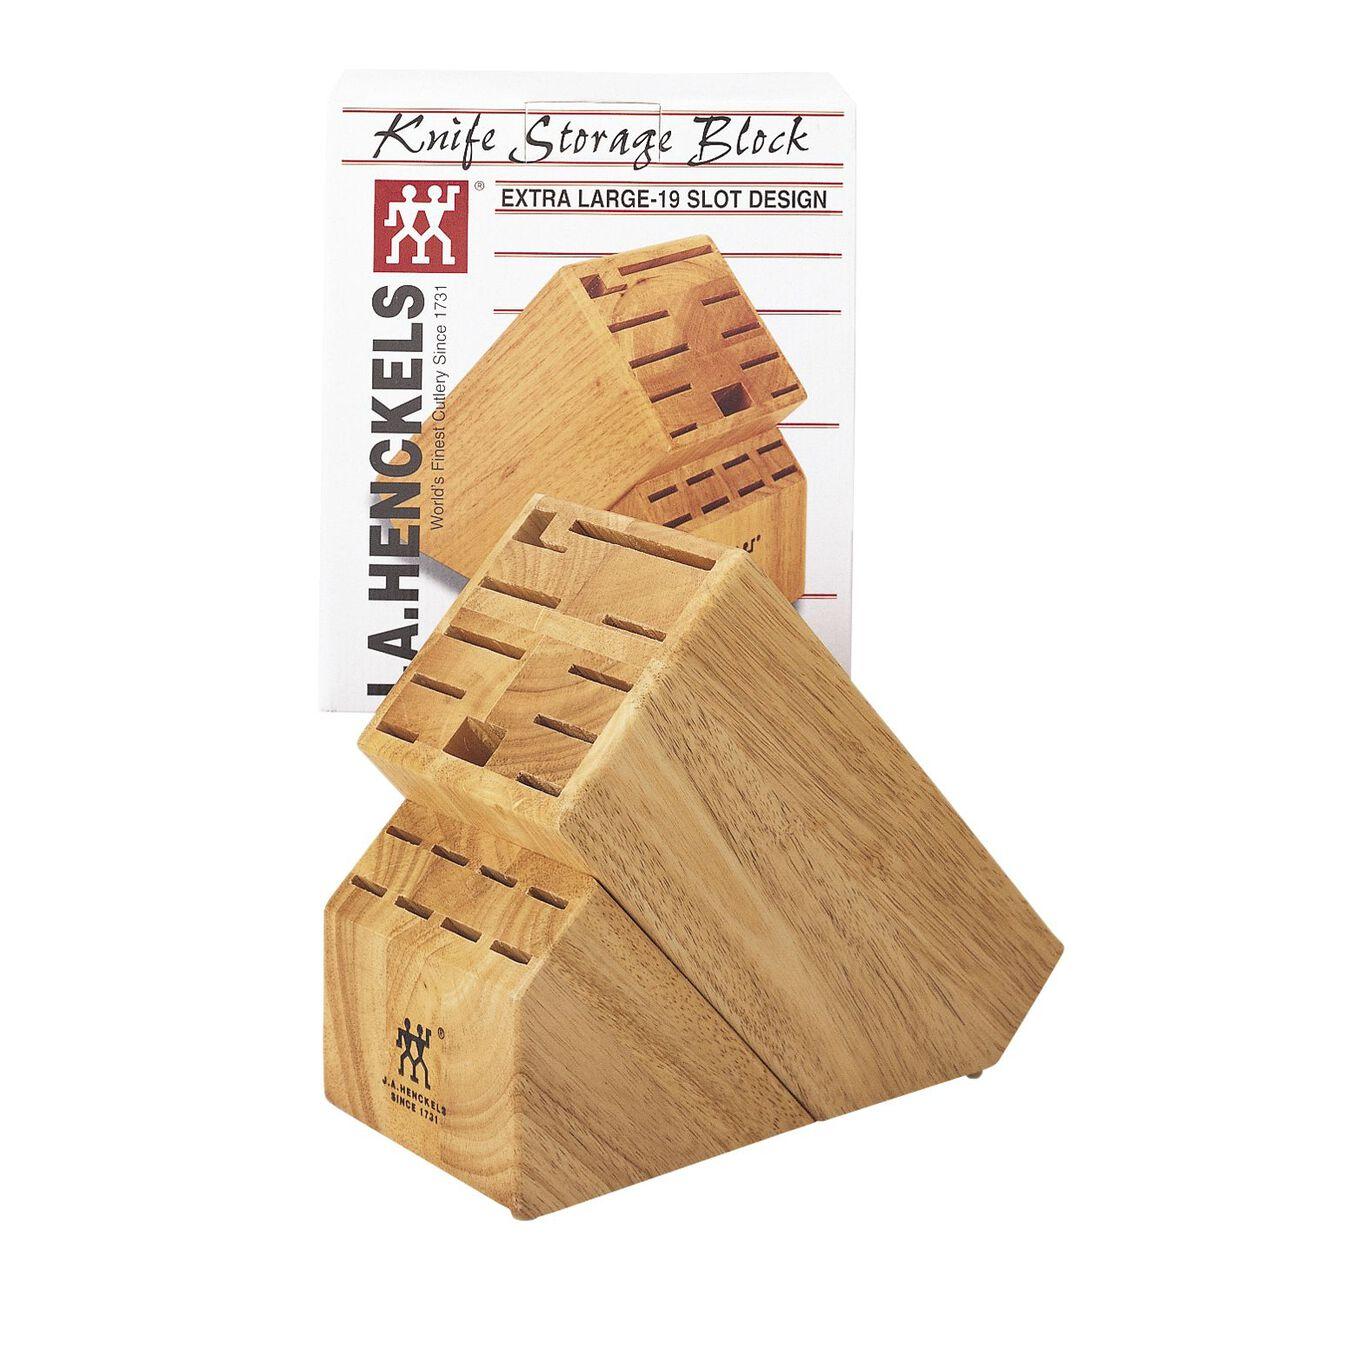 20-slot Hardwood Knife Block,,large 1